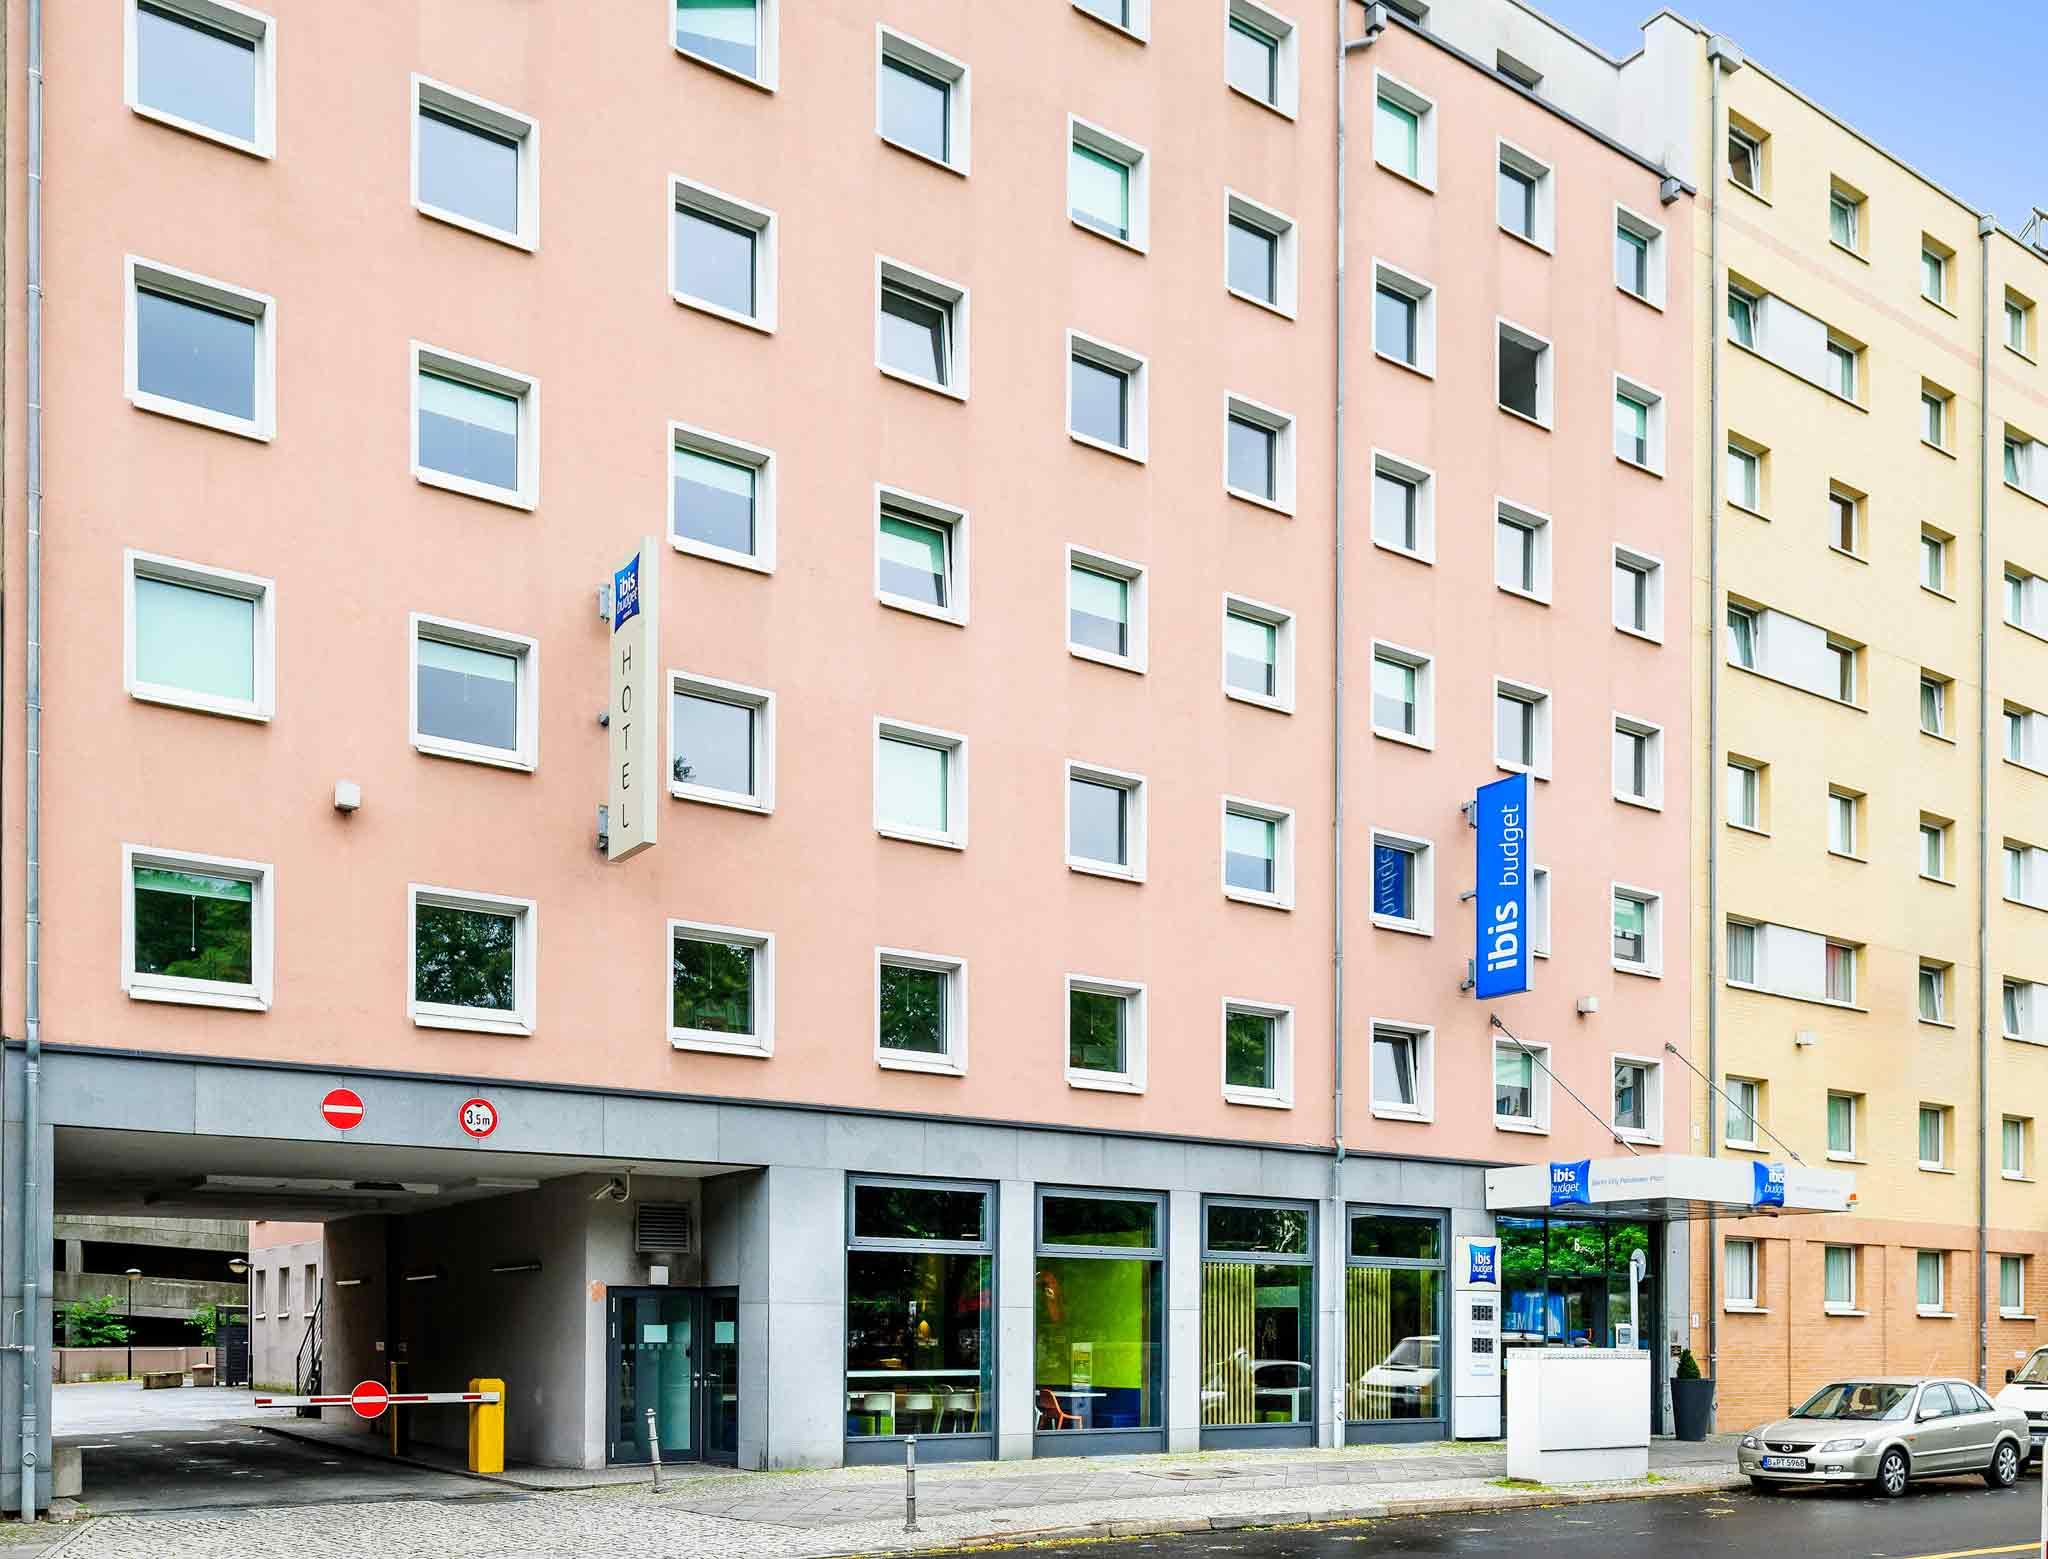 ホテル – イビスバジェットベルリンシティポツダムプラッツ